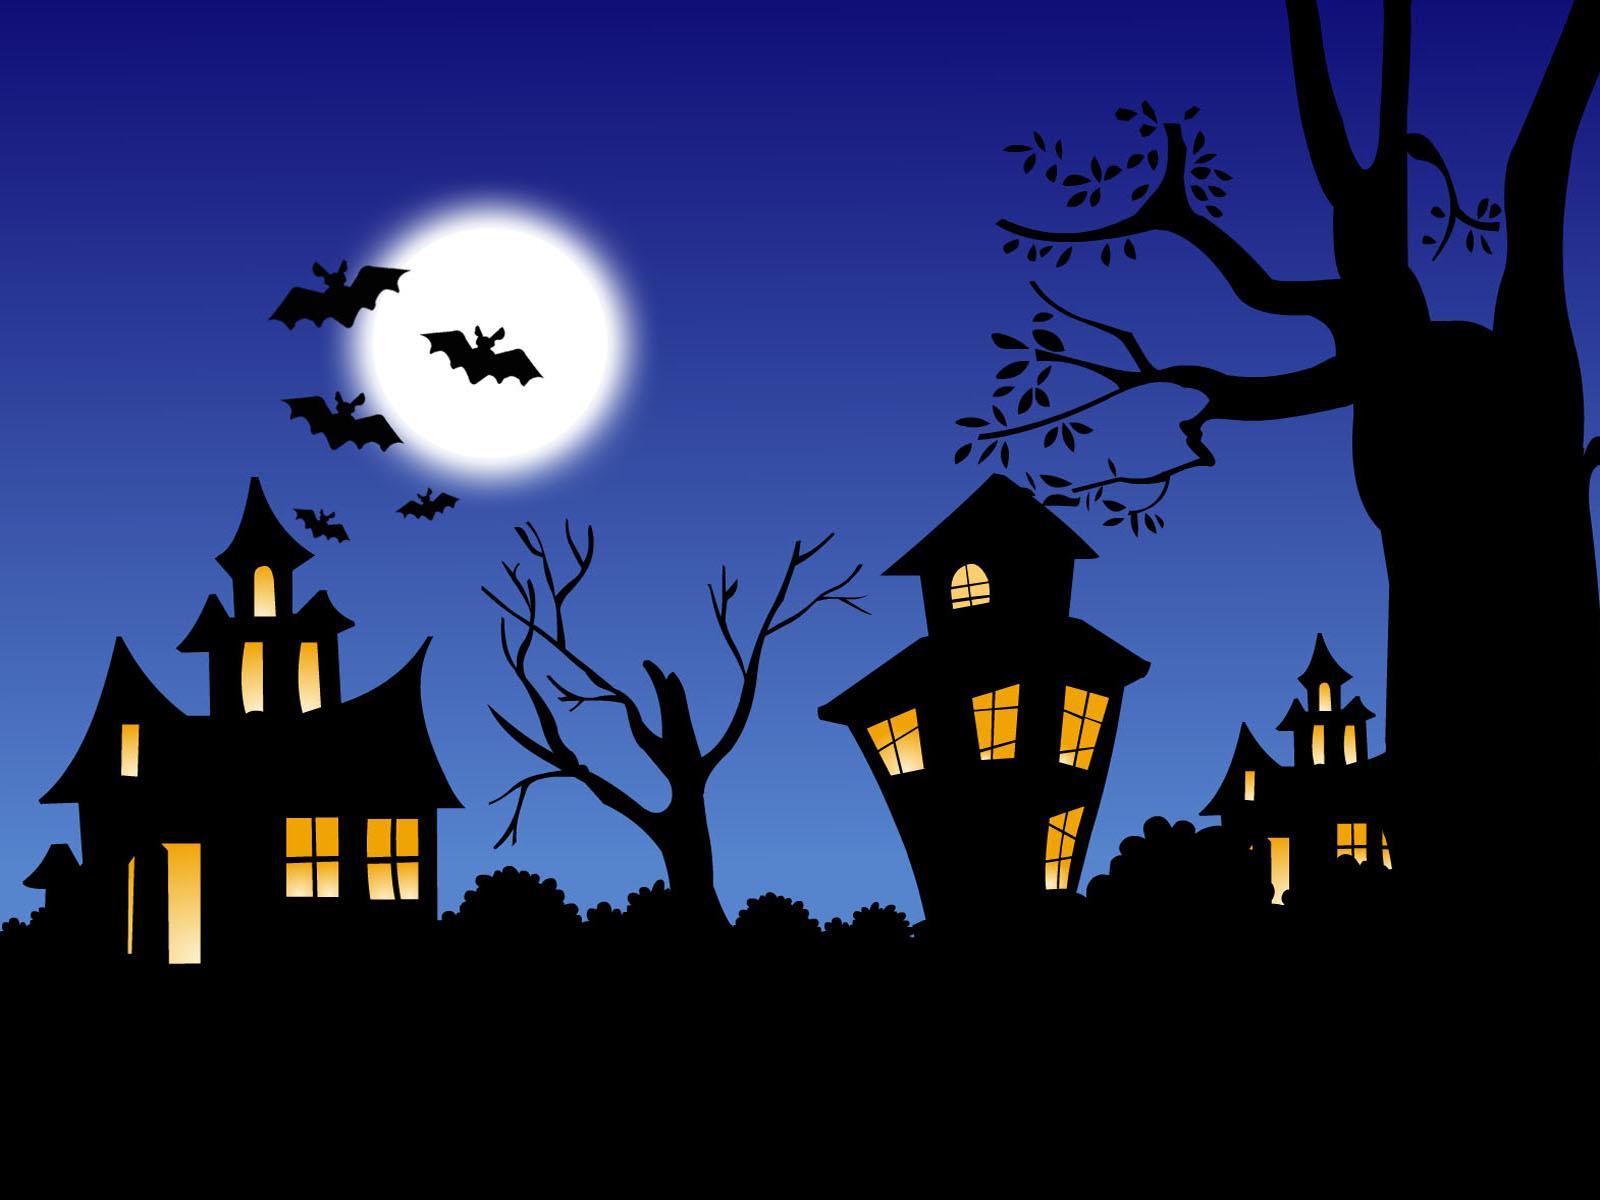 Halloween HD Wallpapers Halloween 2012 HD Desktop Pictures Wallpapers 1600x1200